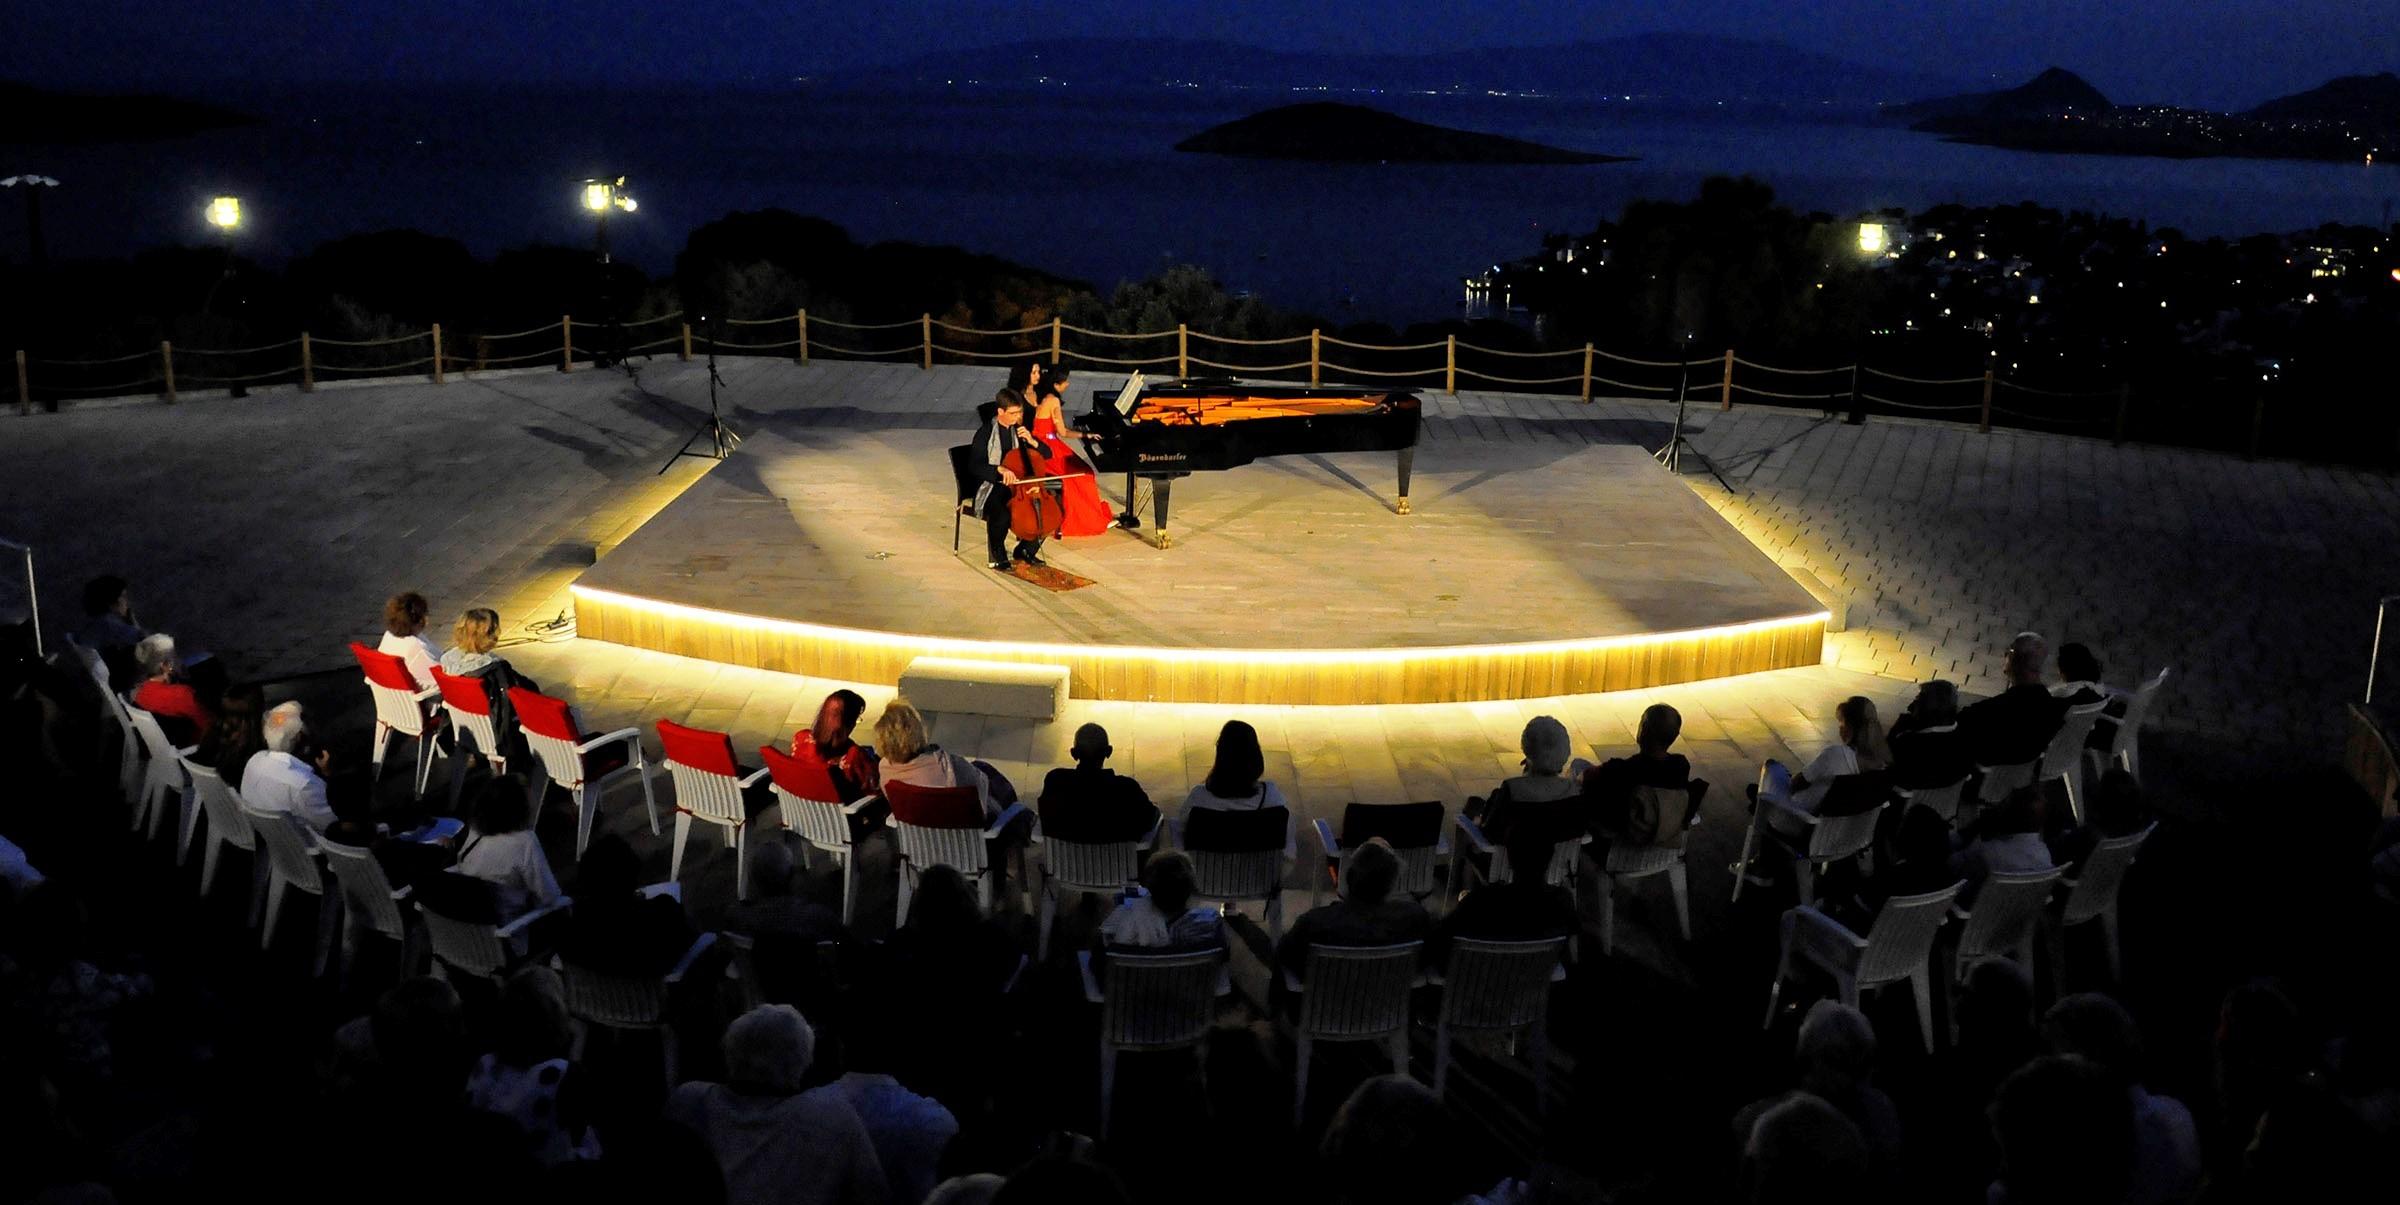 hua hsuan lee ZEFİRYA'DA VİYOLONSEL VE PİYANO UYUMU MEST ETTİ… gumusluk muzik festivali 3